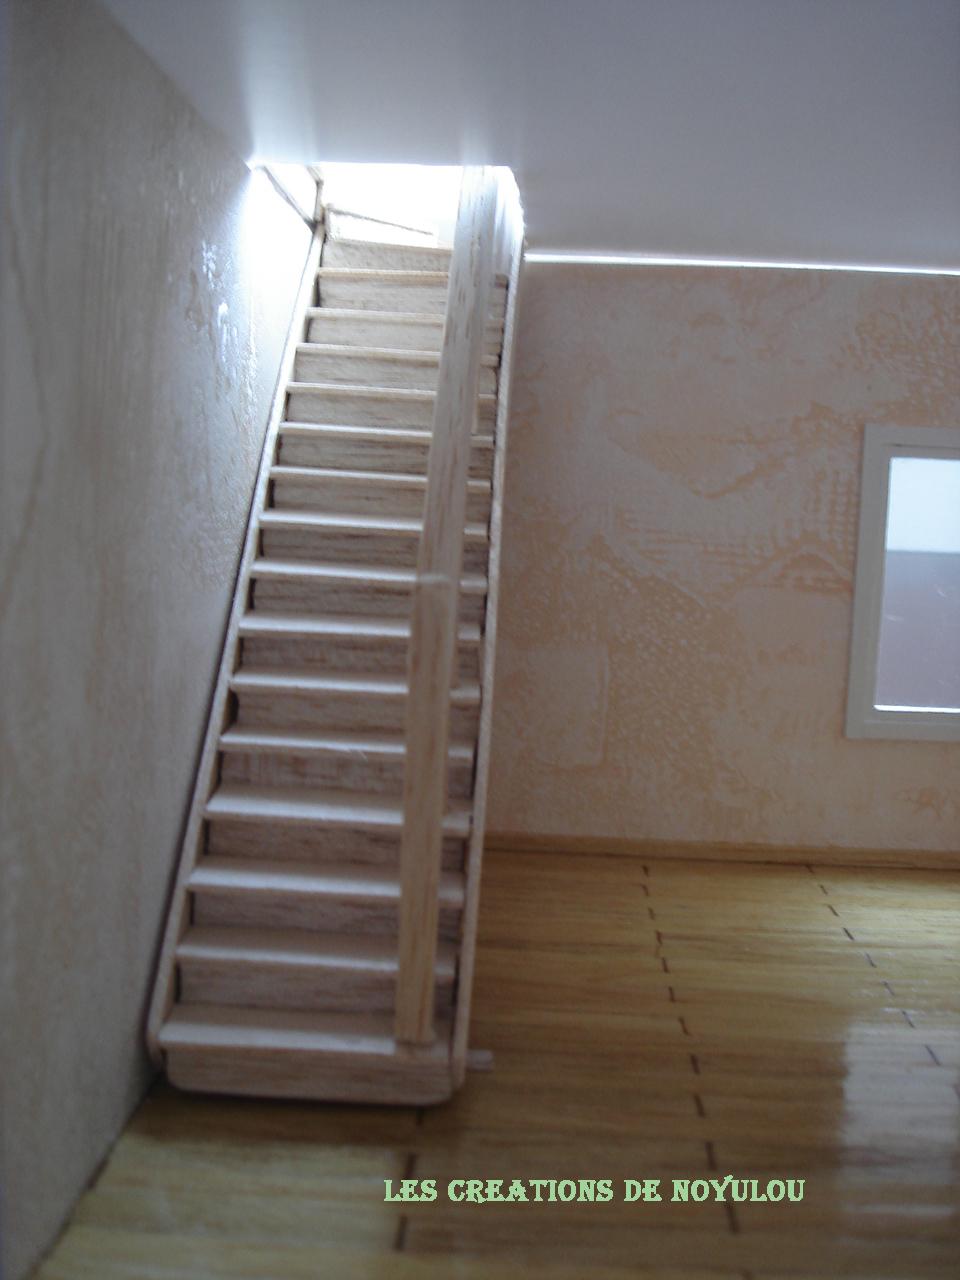 les creations de noyulou ses playmobils ont enfin leur maison escalier rdc. Black Bedroom Furniture Sets. Home Design Ideas